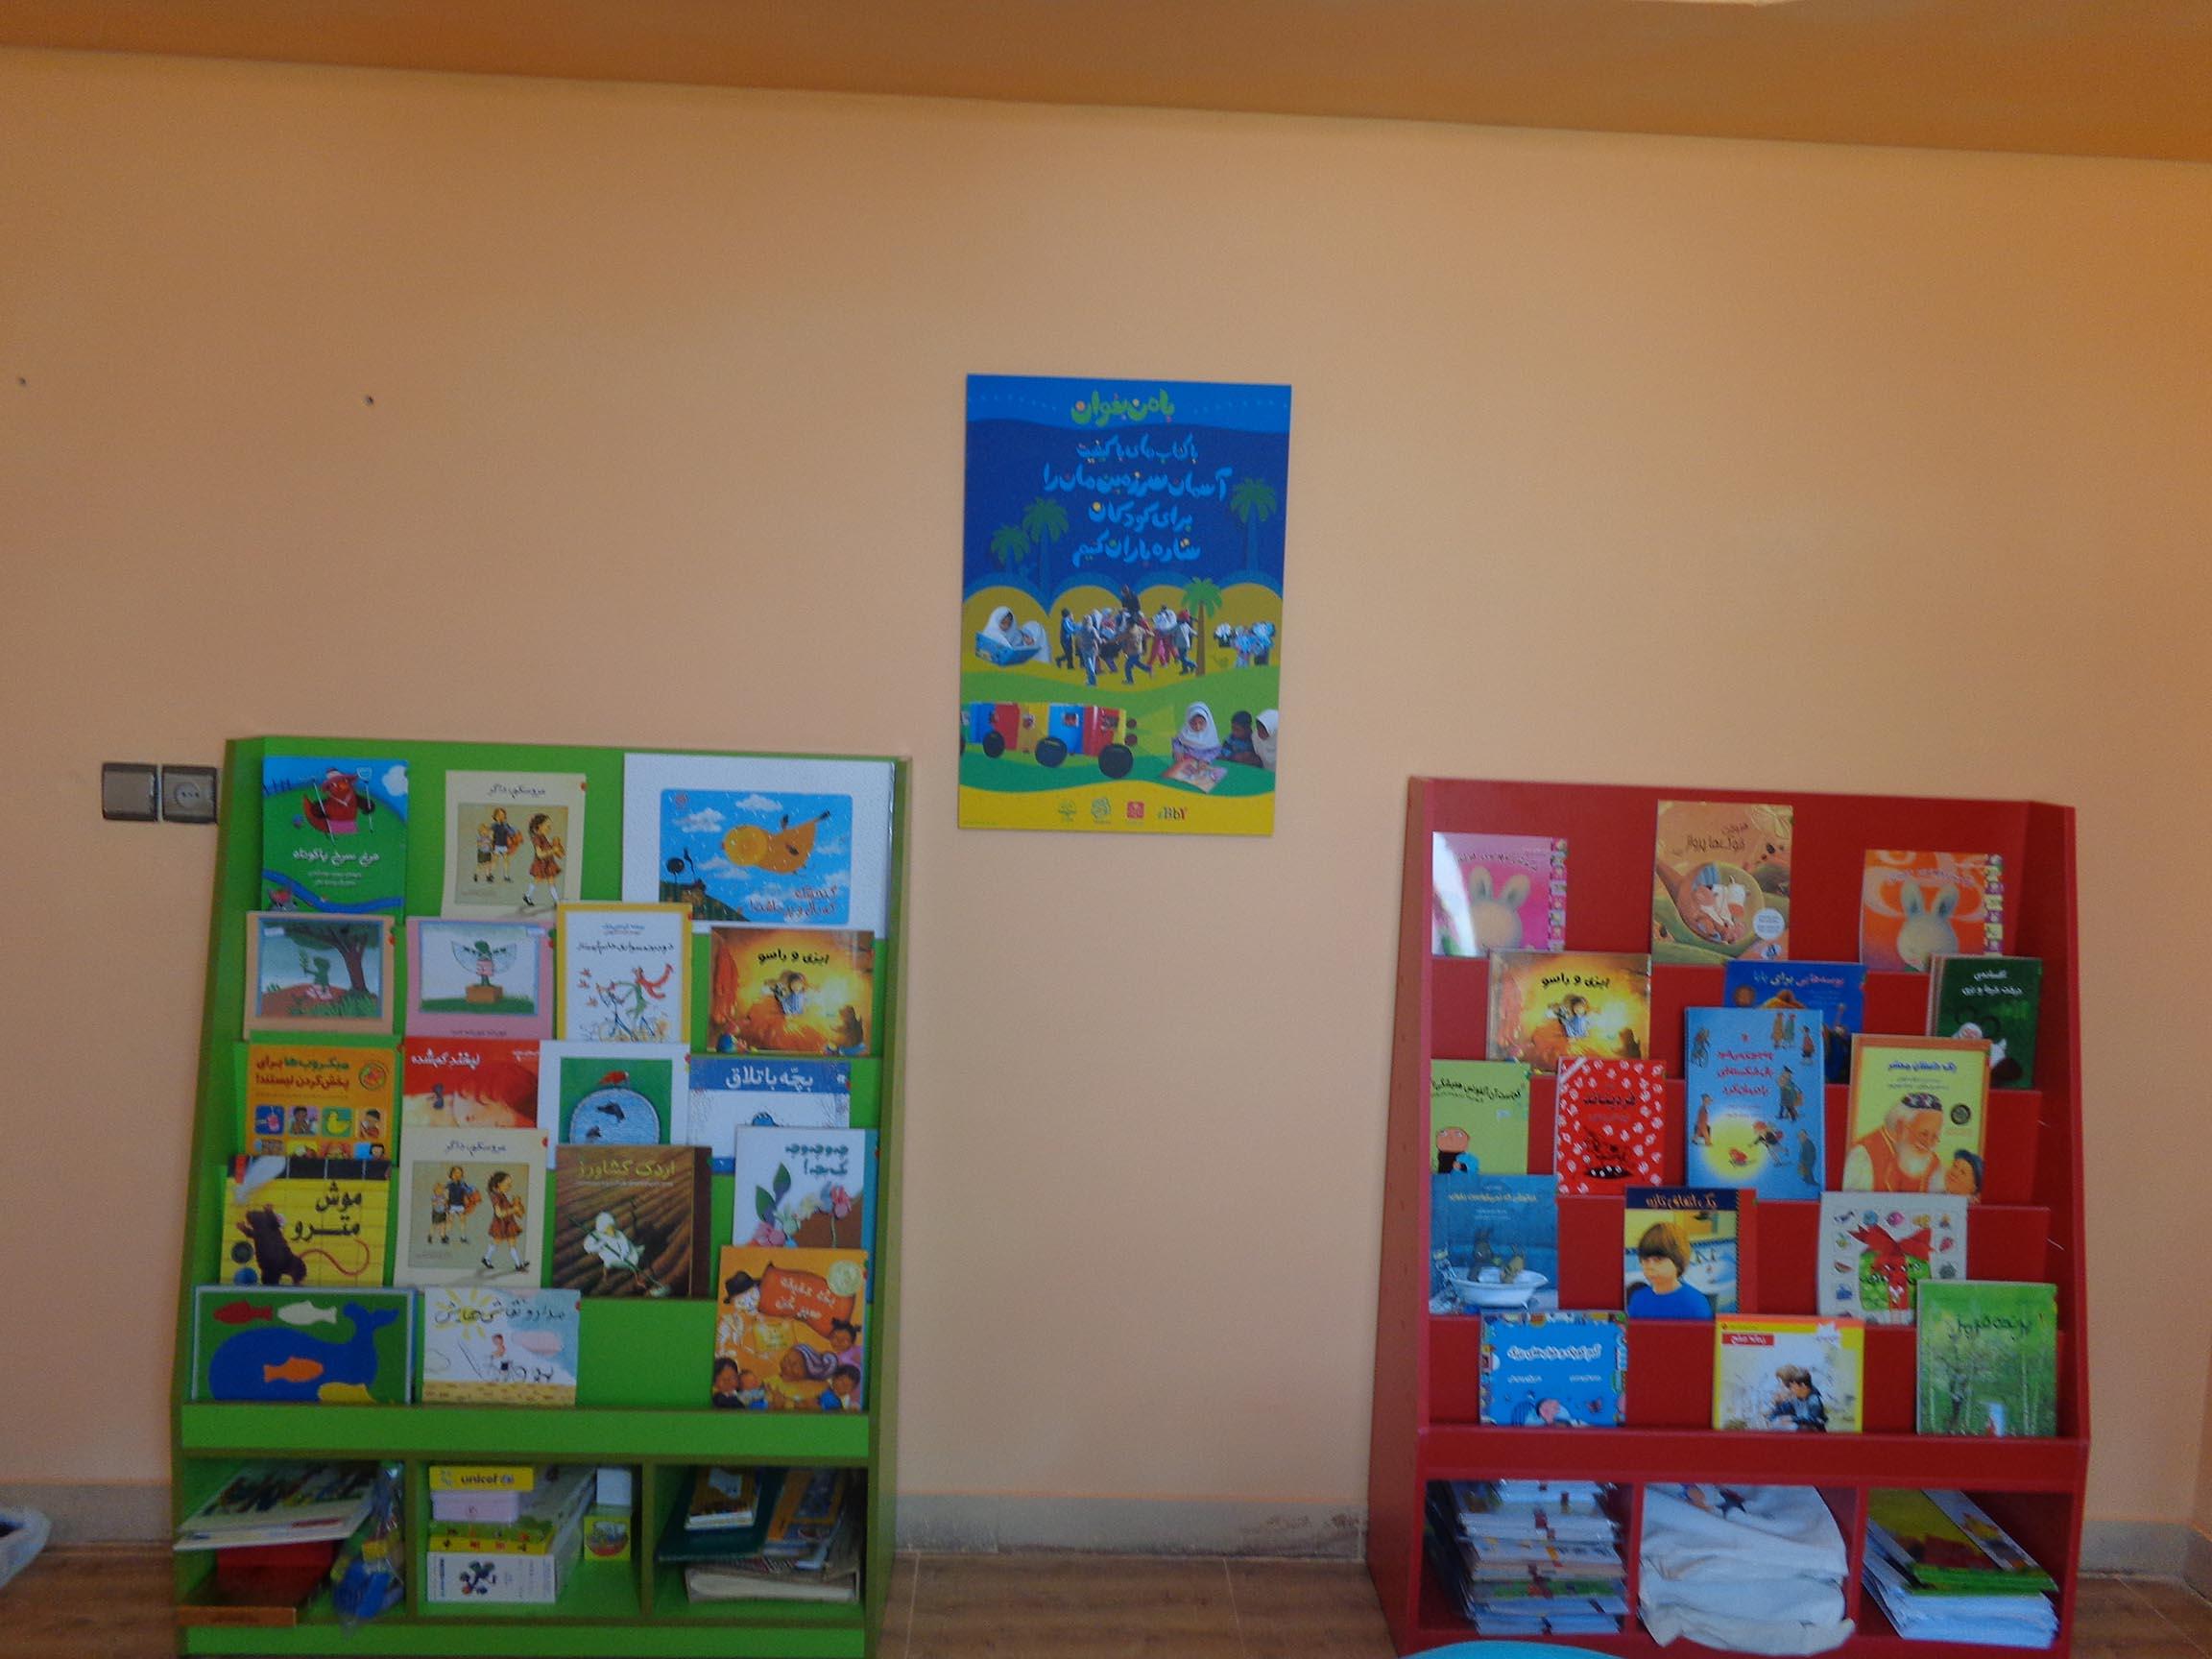 کتابخانه کودک محور با من بخوان در خانه فرهنگ محمودآباد آغاز به کار کرد